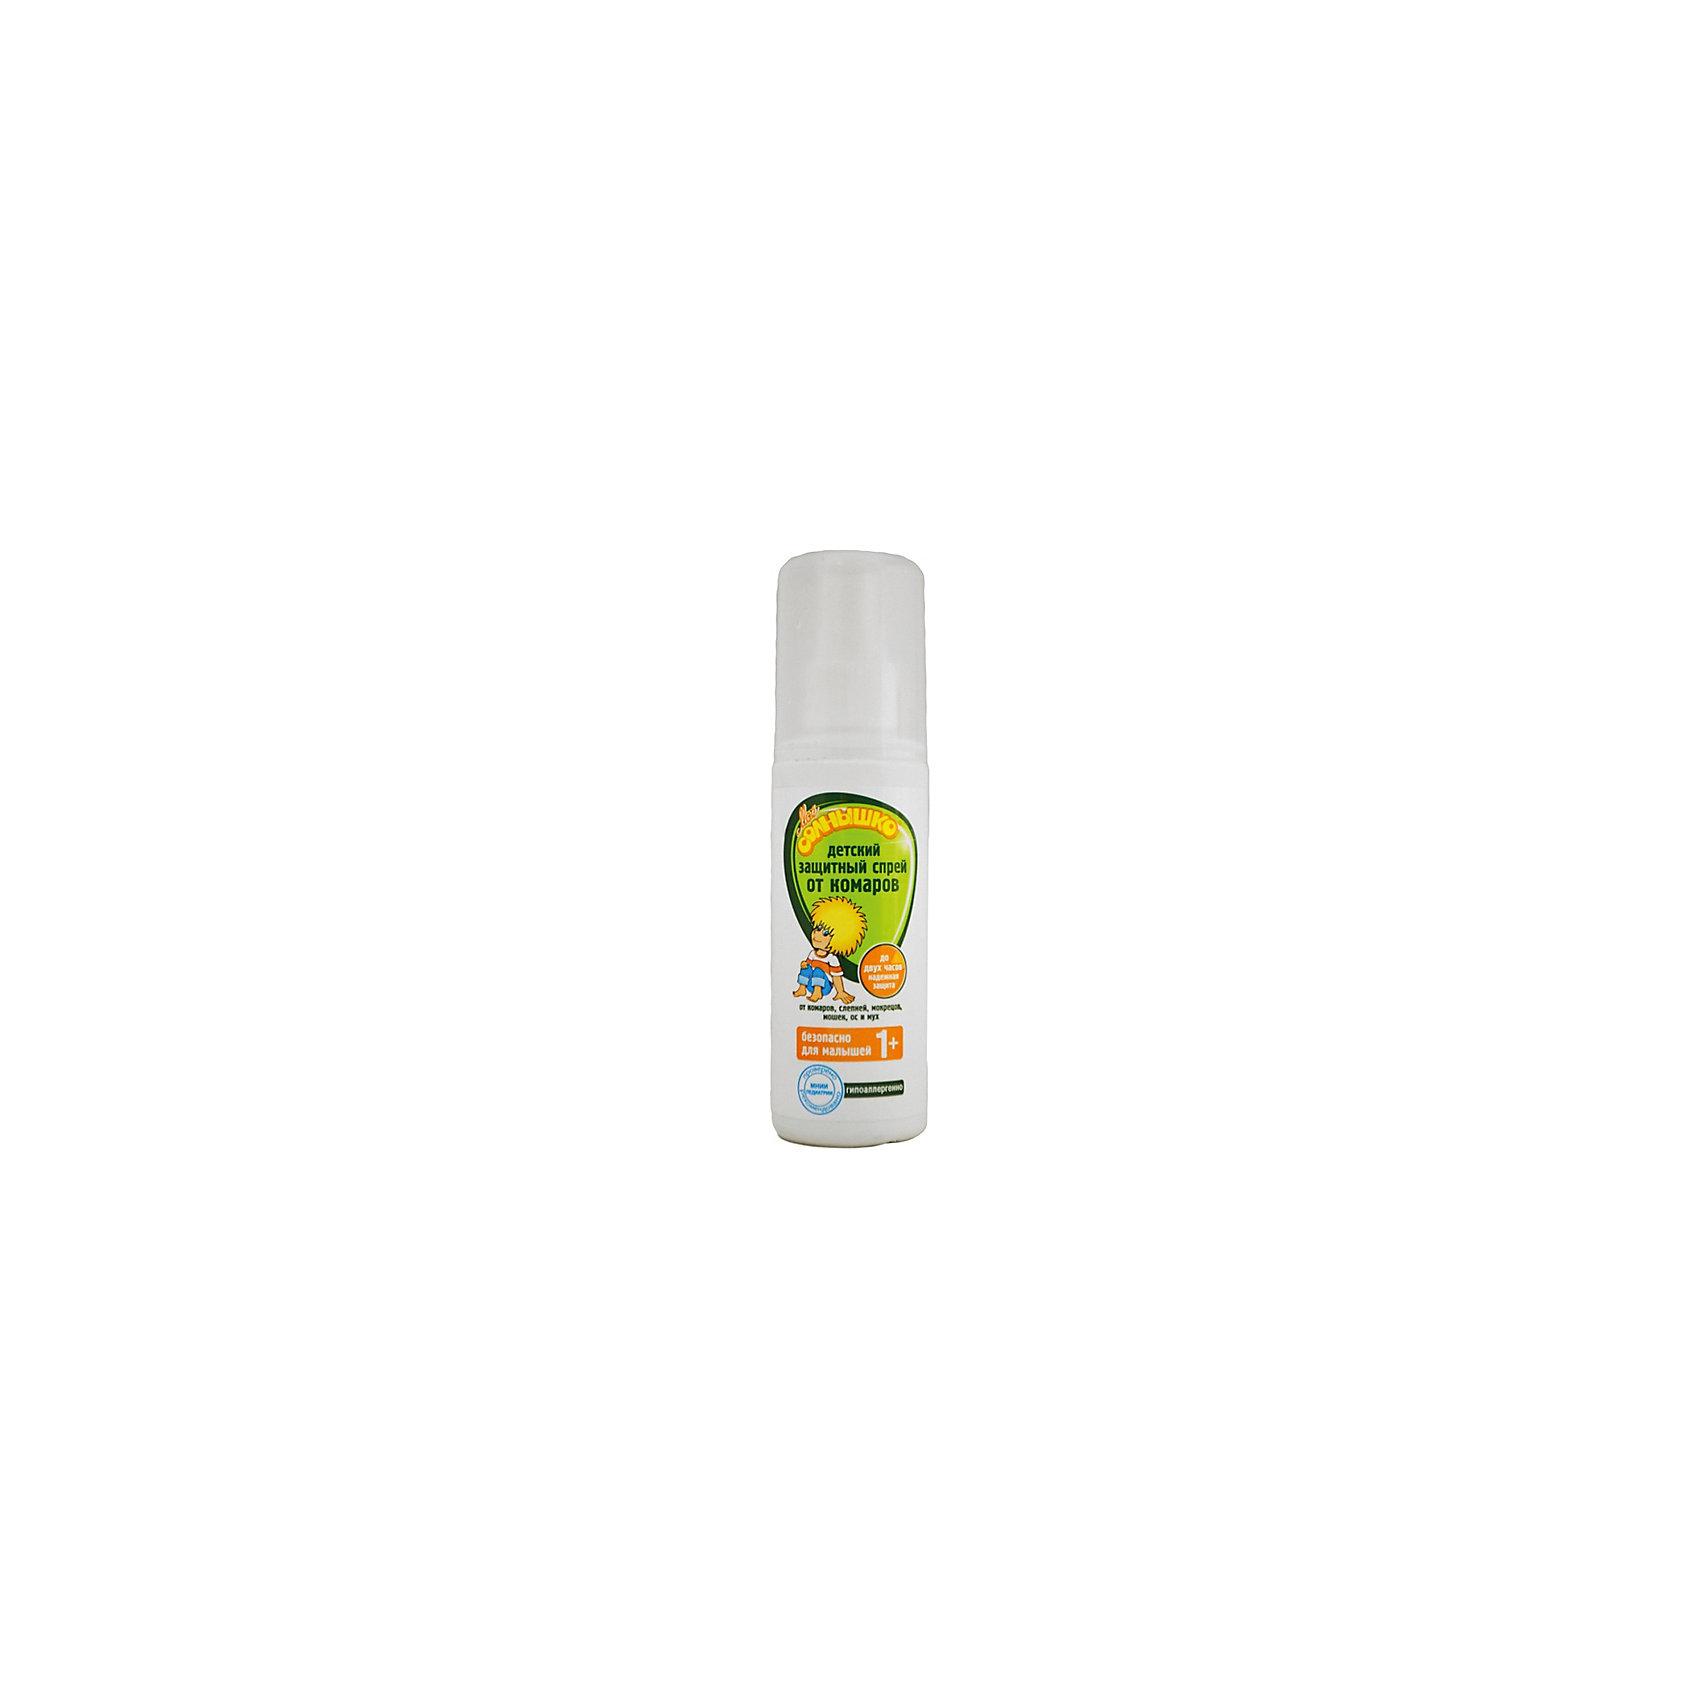 Защитный спрей от комаров, Моё солнышкоСредства защиты от солнца и насекомых<br>Детский защитный спрей от комаров Мое солнышко - надежная защита о комаров, слепней, мокрецов, мошек, ос и мух до двух часов. Спрей разработан специально для детей. Эффективно защищает от комаров, слепней и других летающих насекомых. Безопасный для ребенка состав подходит даже для малышей от 1 года. Не оставляет жирных следов на одежде. Обладает мягким запахом.<br><br>Ширина мм: 40<br>Глубина мм: 40<br>Высота мм: 144<br>Вес г: 120<br>Возраст от месяцев: 12<br>Возраст до месяцев: 36<br>Пол: Унисекс<br>Возраст: Детский<br>SKU: 4124472